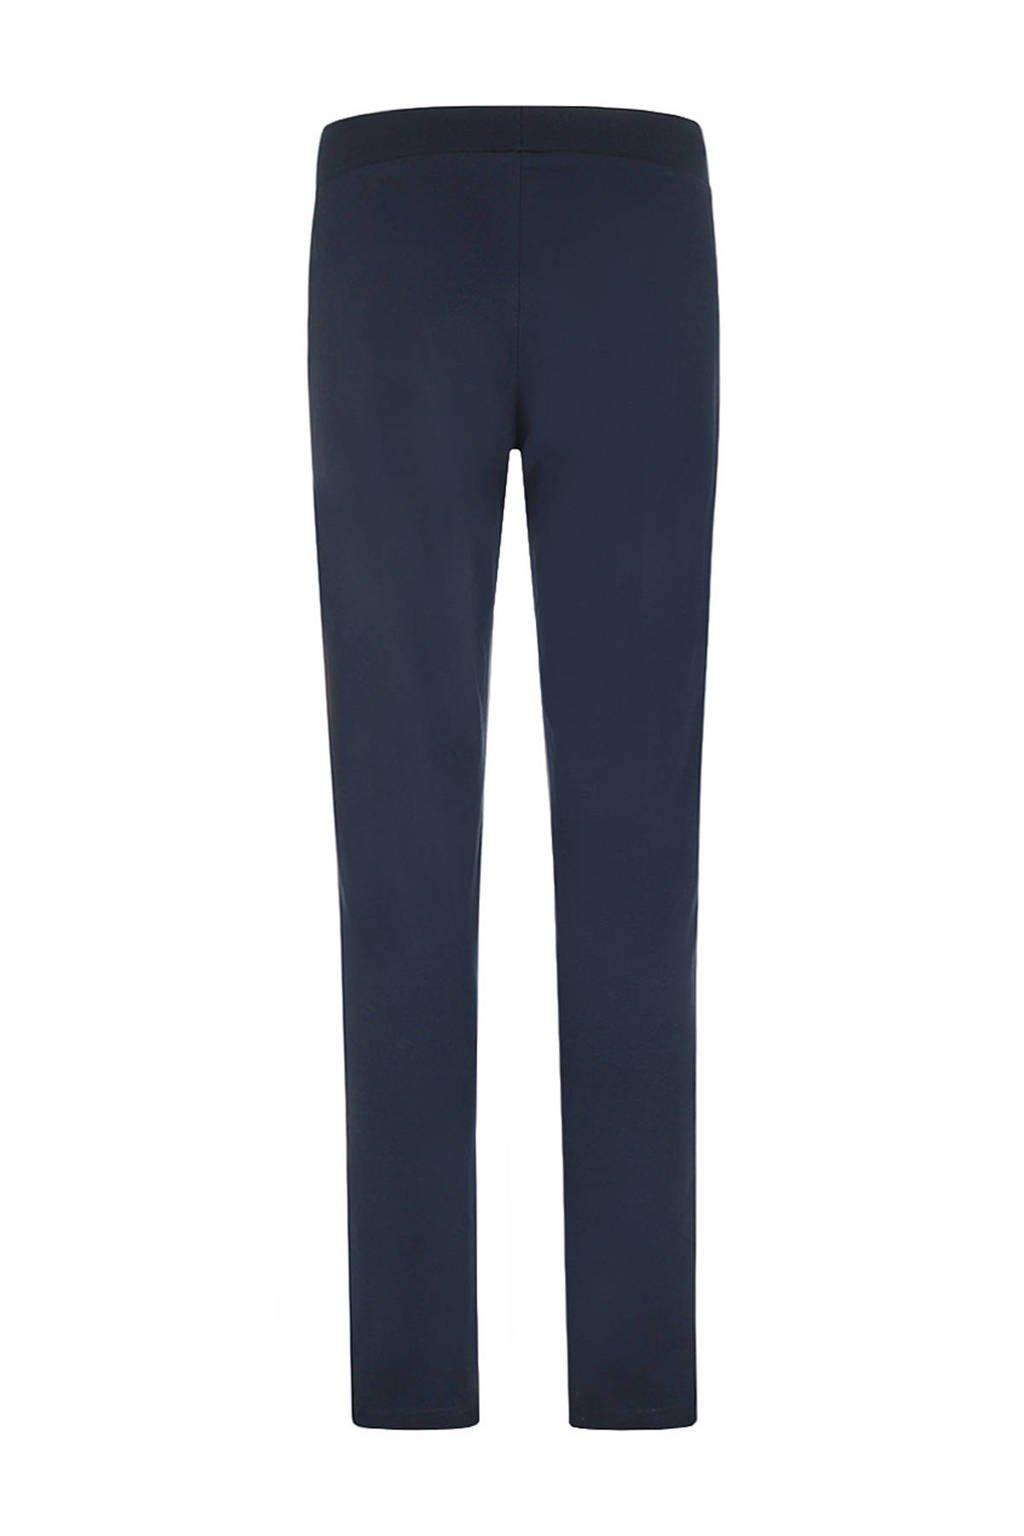 Charlie Choe pyjamabroek donkerblauw, Donkerblauw